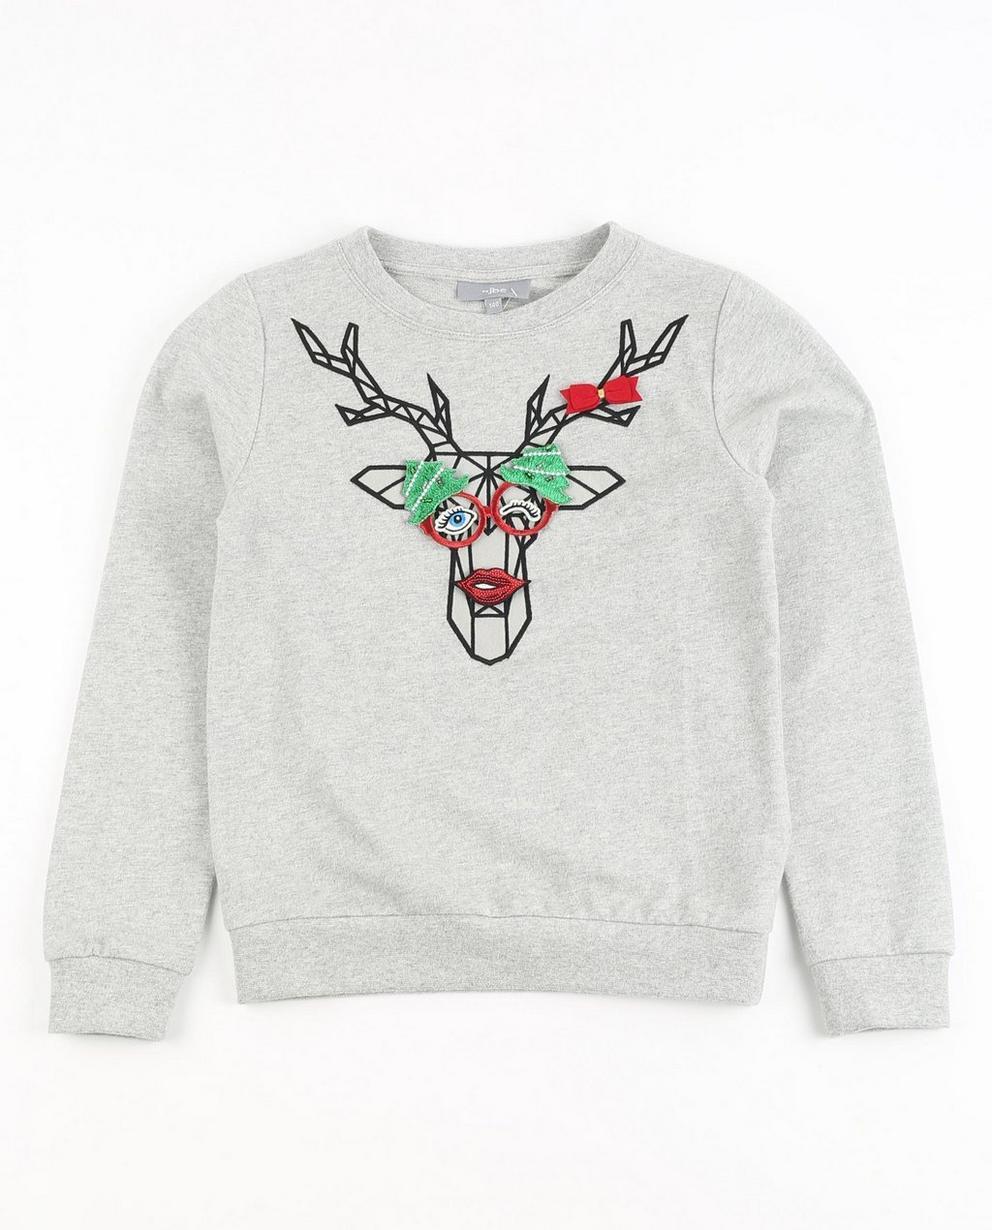 Pull de Noël à écussons  - et imprimé de rennes - JBC